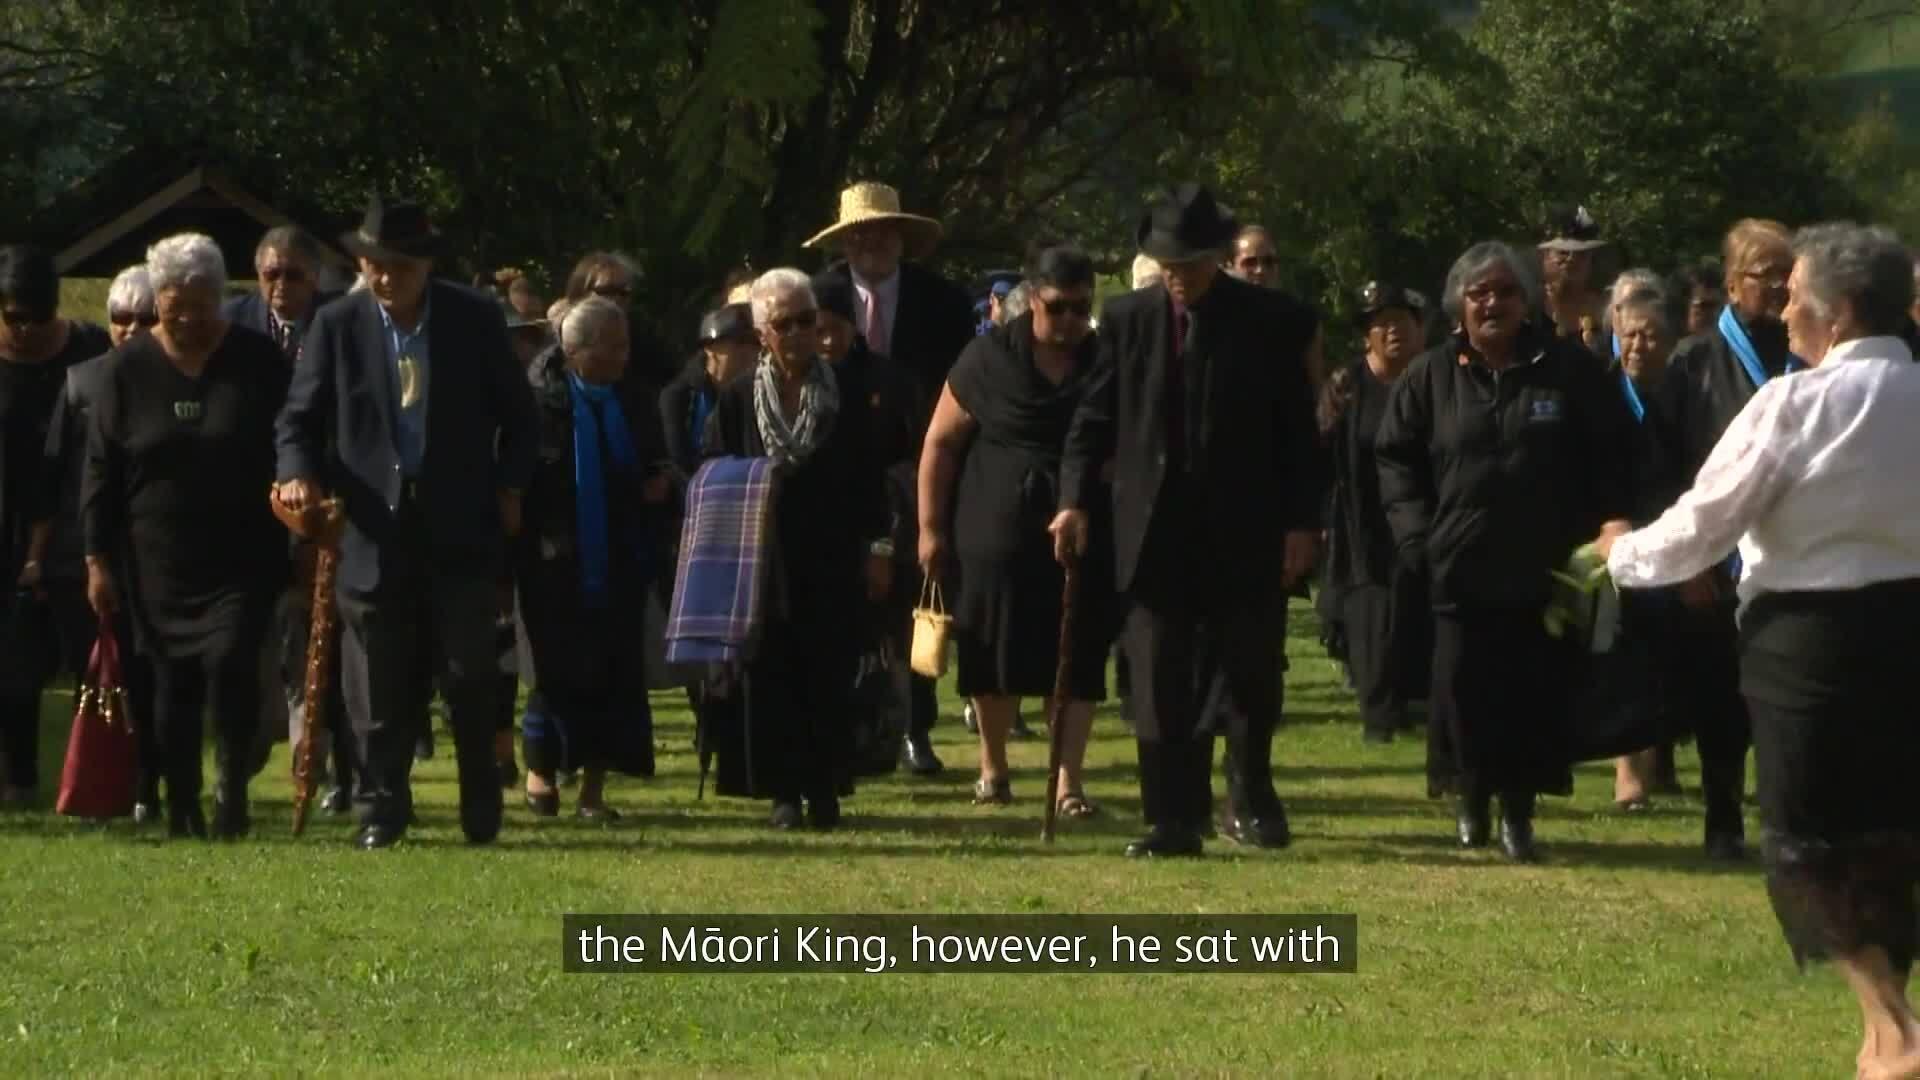 Video for Ka hoki te kaiārahi o Nāhinara ki tōna marae